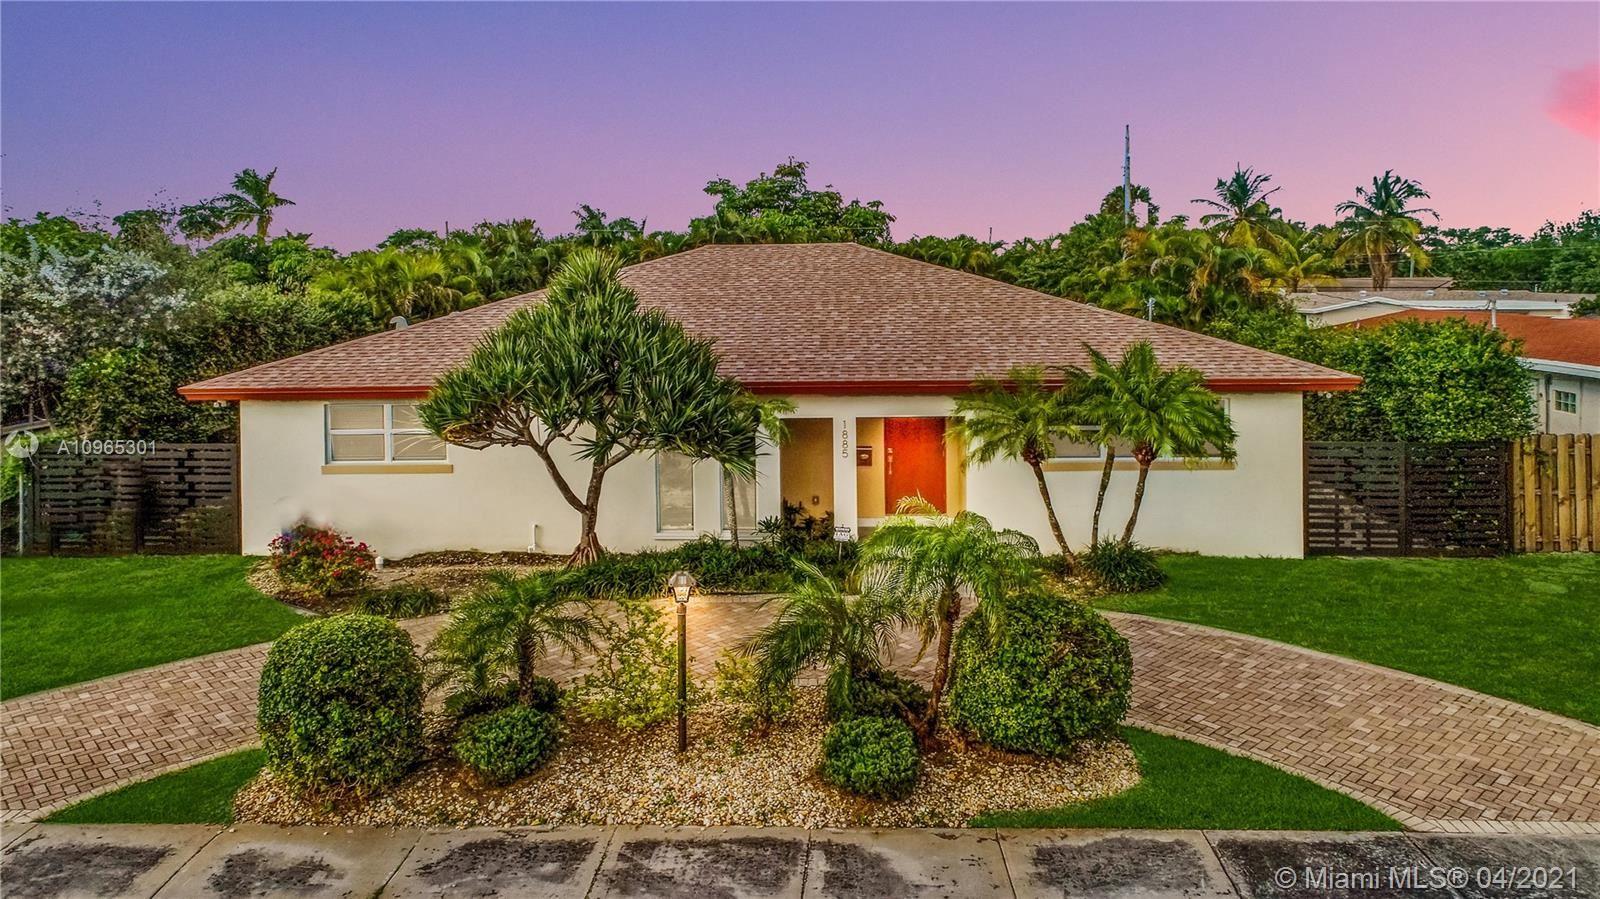 1885 NE 207th St, Miami, FL 33179 - #: A10965301